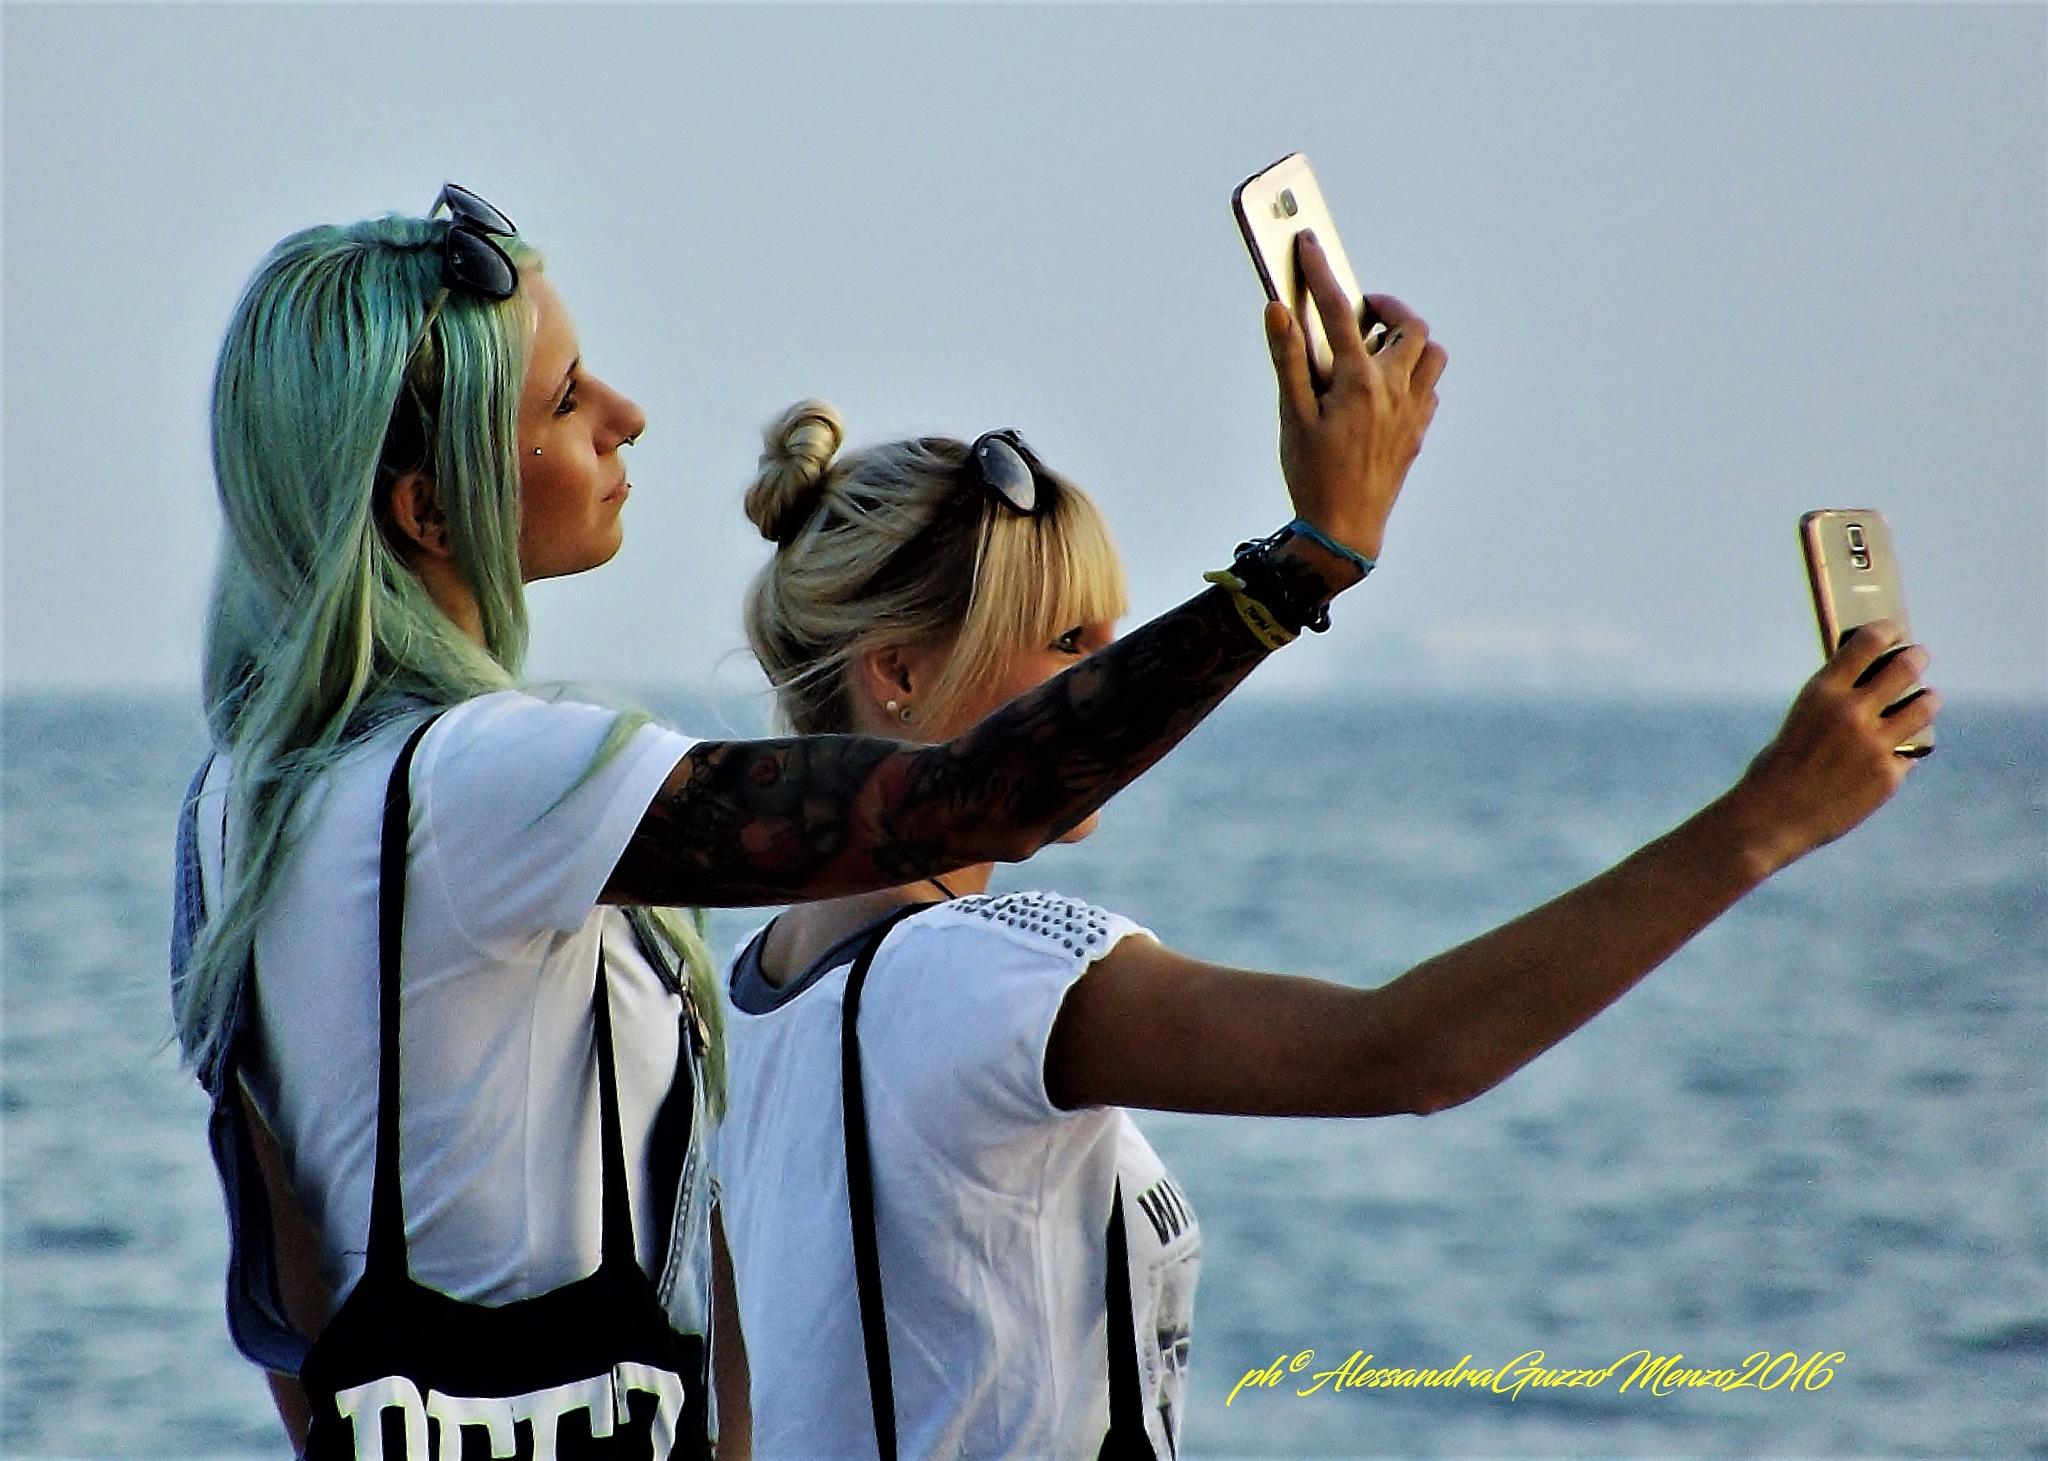 selfie by Alessandra Guzzo Menzo